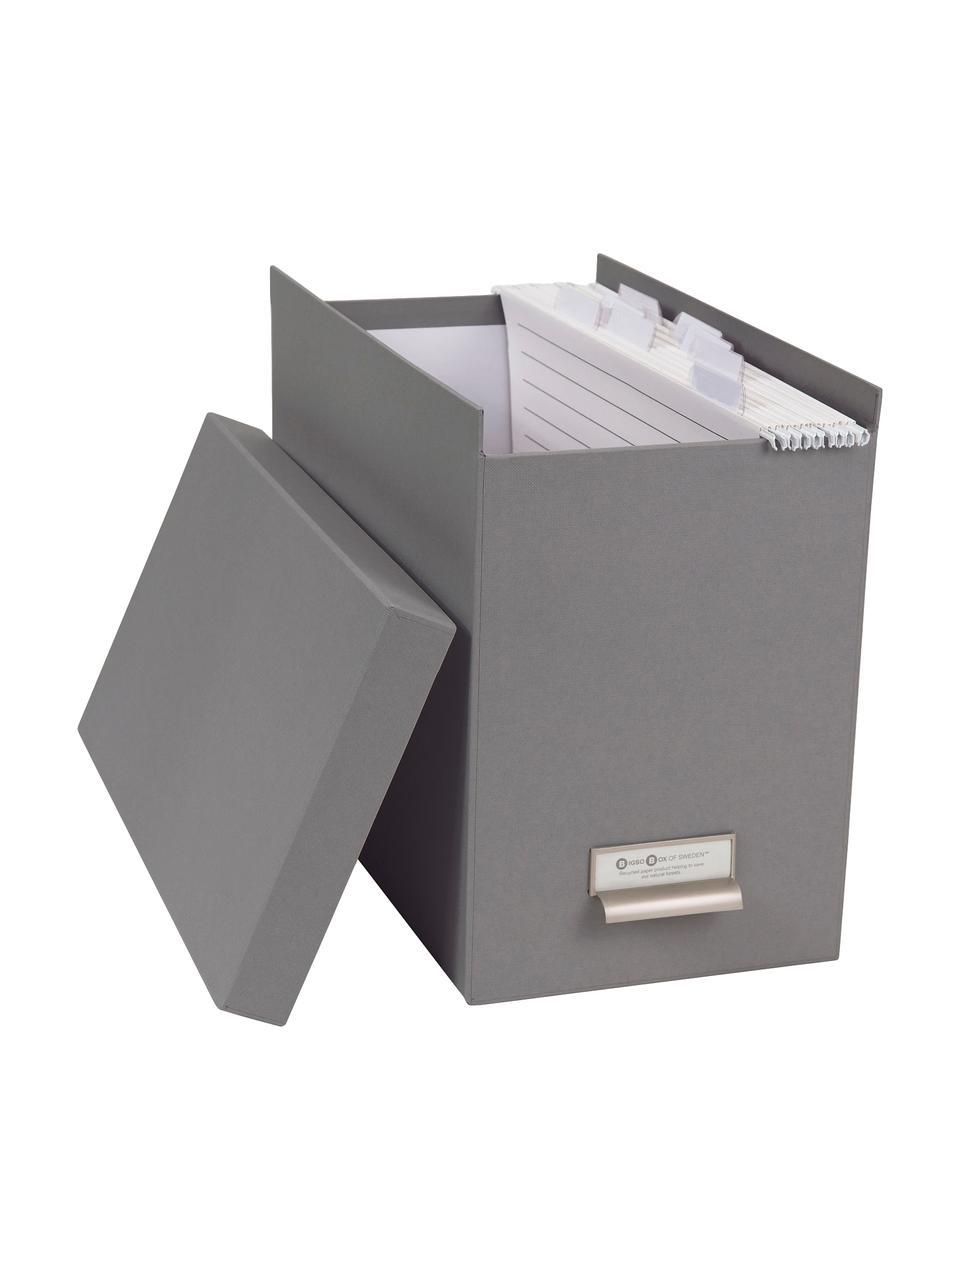 Hängeregister-Box Johan, 9-tlg., Organizer: Fester, laminierter Karto, Organizer außen: HellgrauOrganizer innen: Weiß, 19 x 27 cm